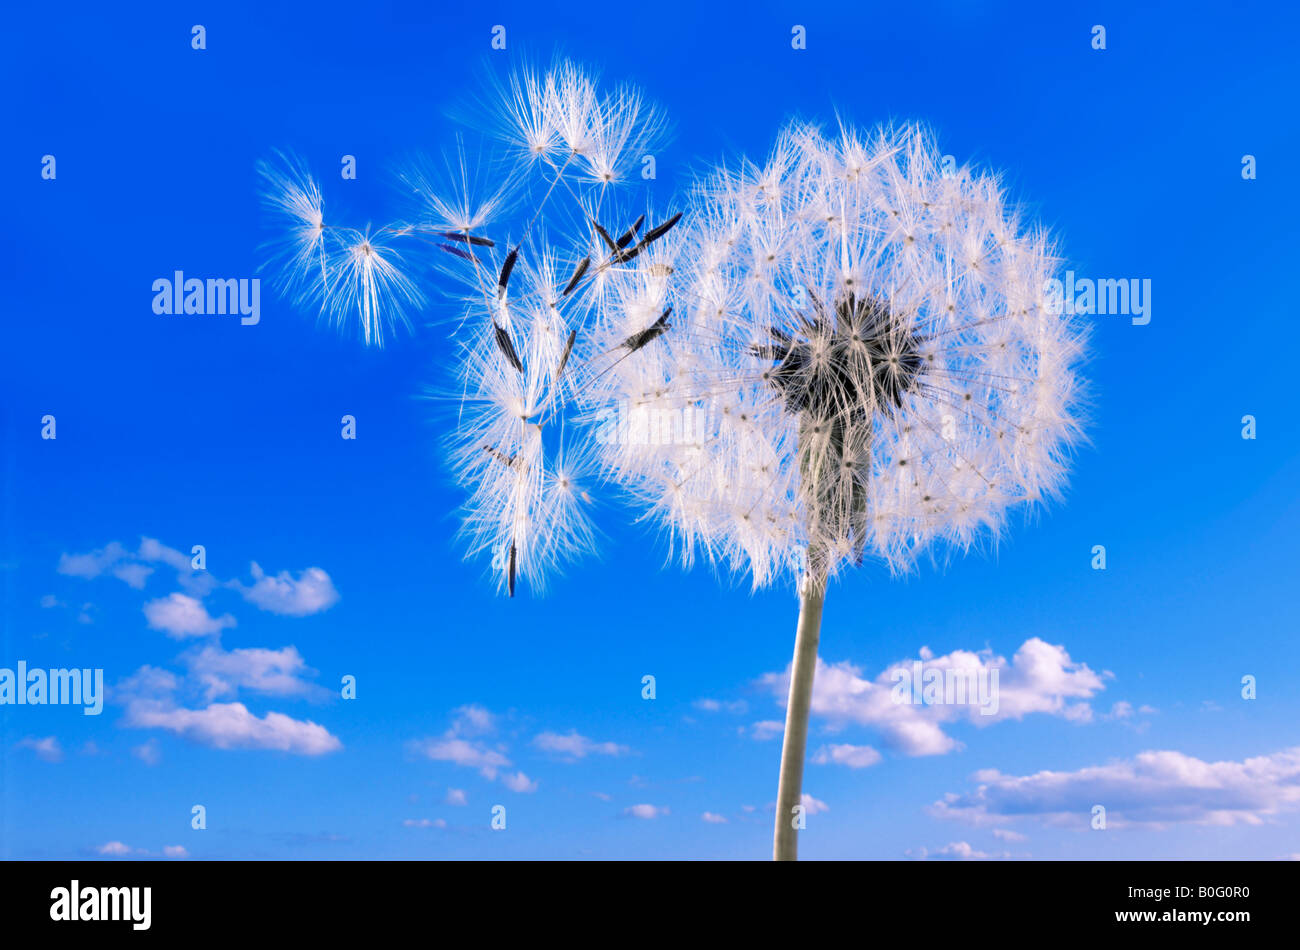 Reloj de diente de león contra un cielo azul Imagen De Stock